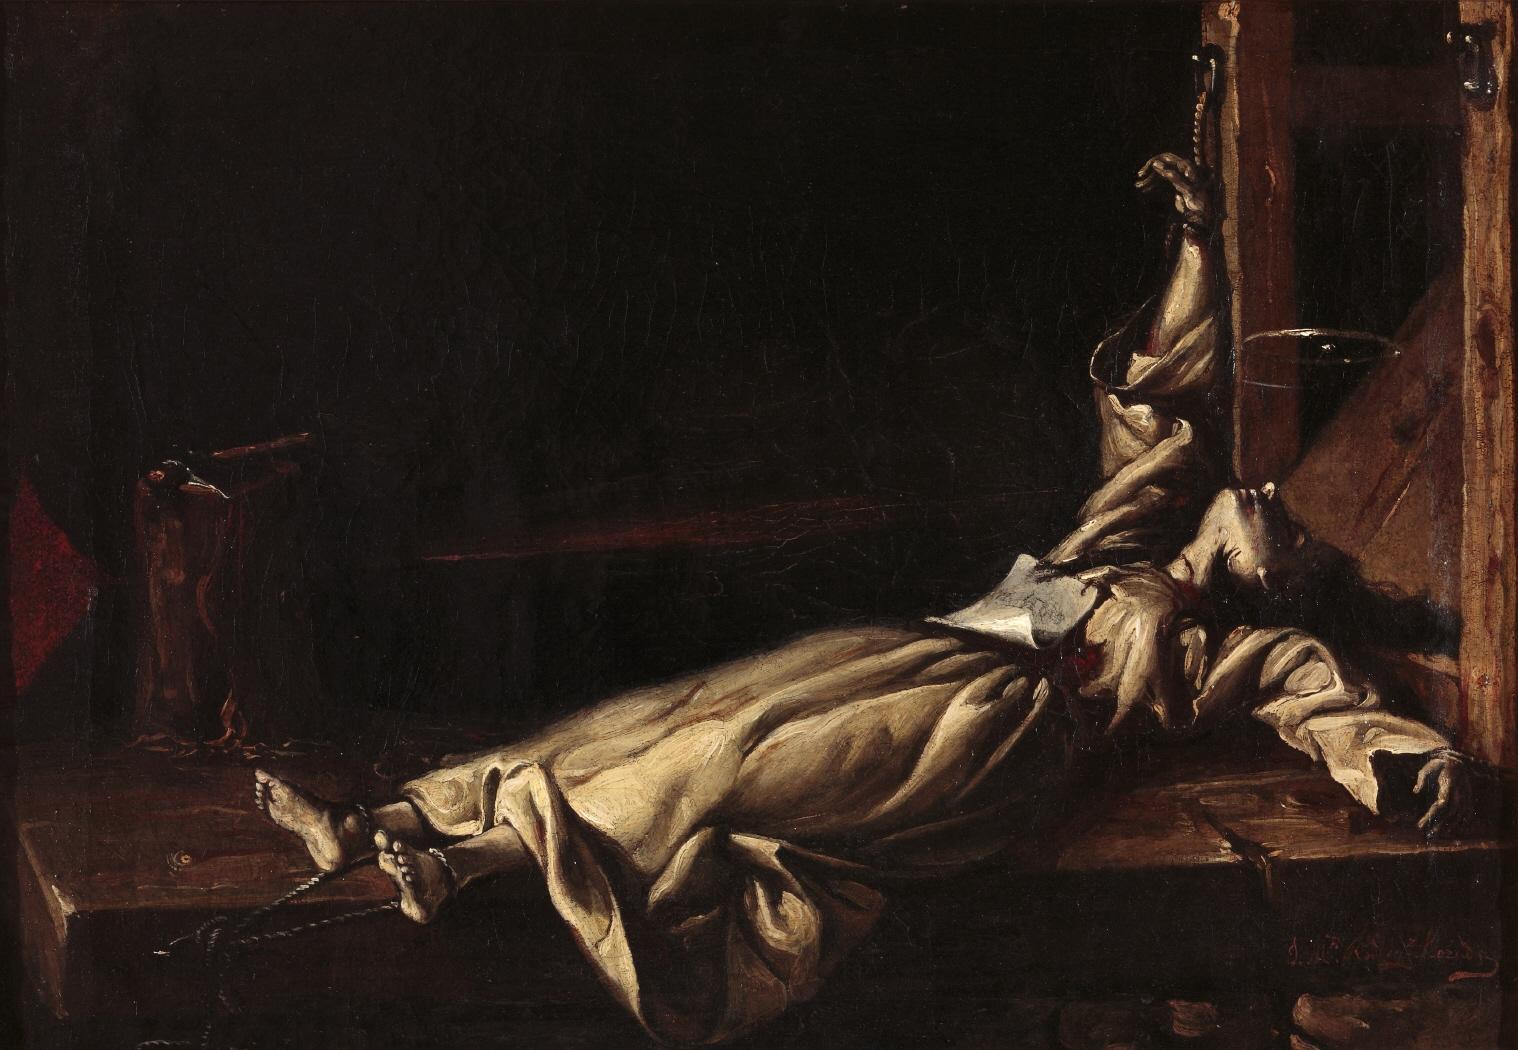 Víctima del tormento del potro. Autor desconocido. Óleo sobre lienzo. 1870